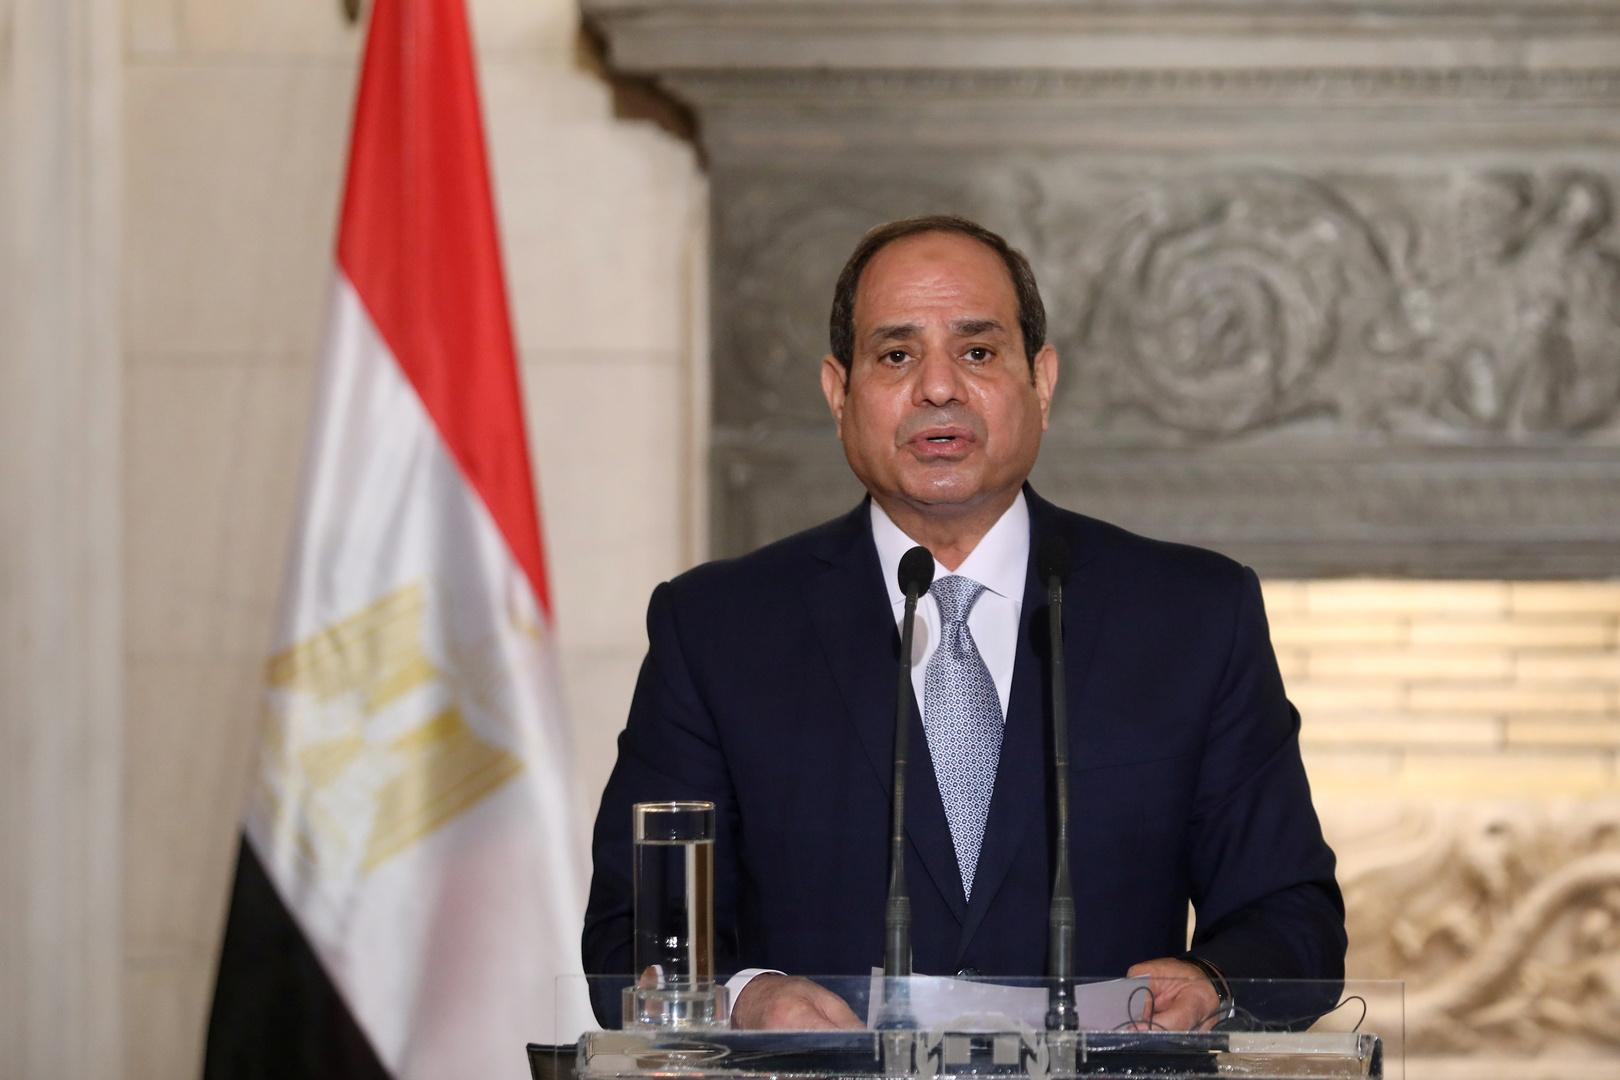 تعليقات مصرية عن أهمية الاتفاقية العسكرية بين مصر والسودان وزيارة السيسي المرتقبة للخرطوم